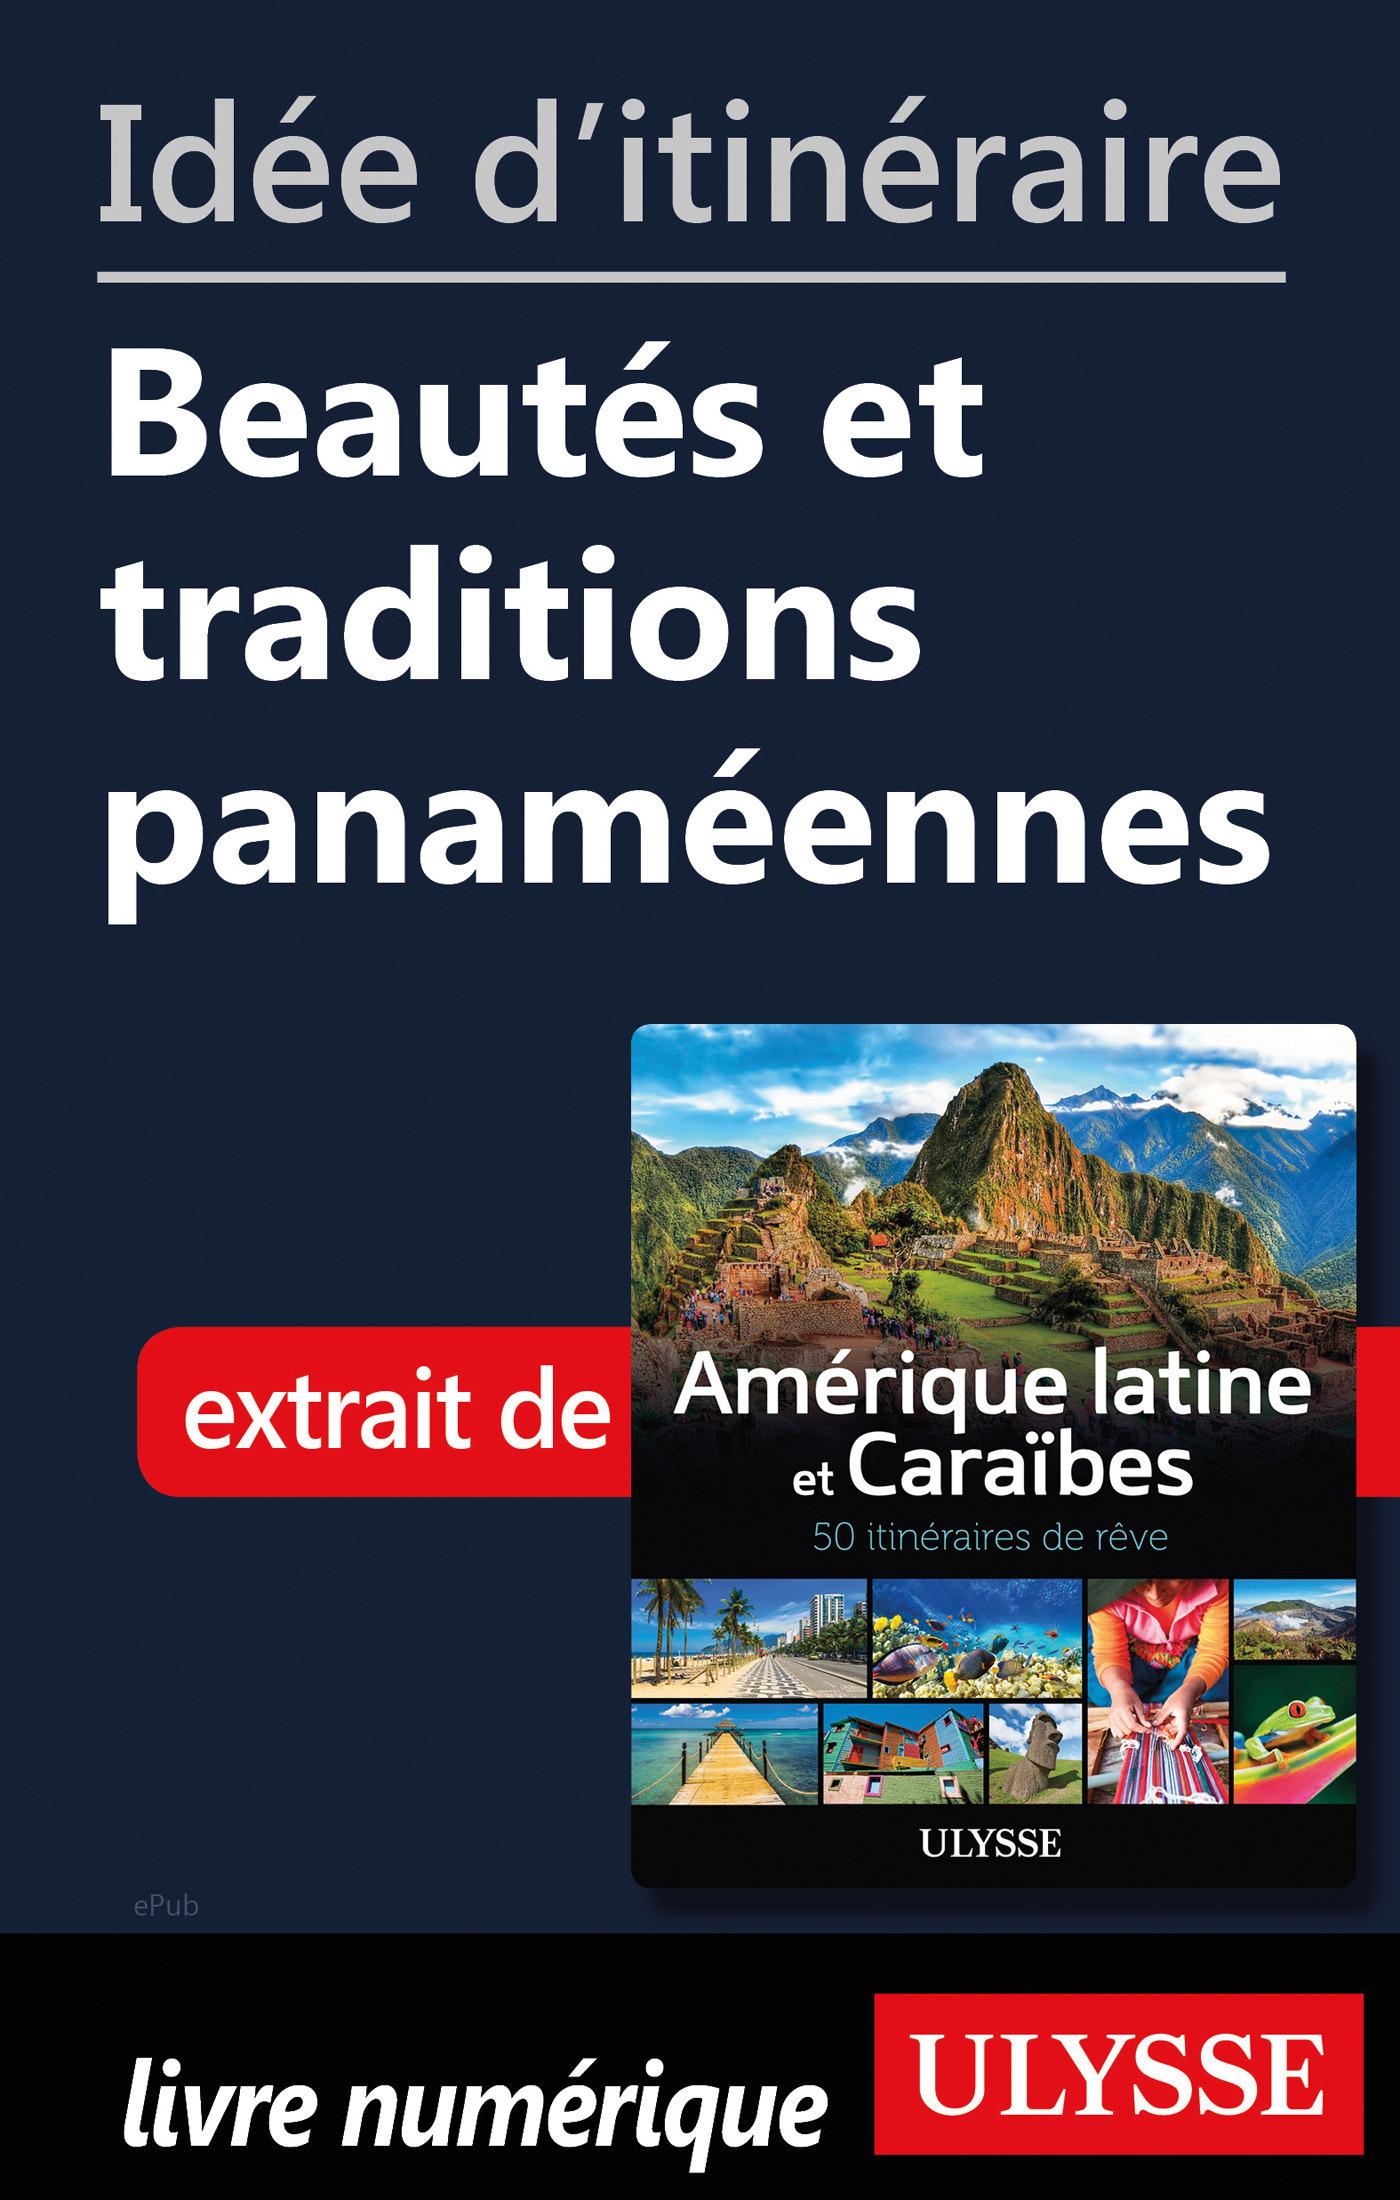 Idée d'itinéraire - Beautés et traditions panaméennes